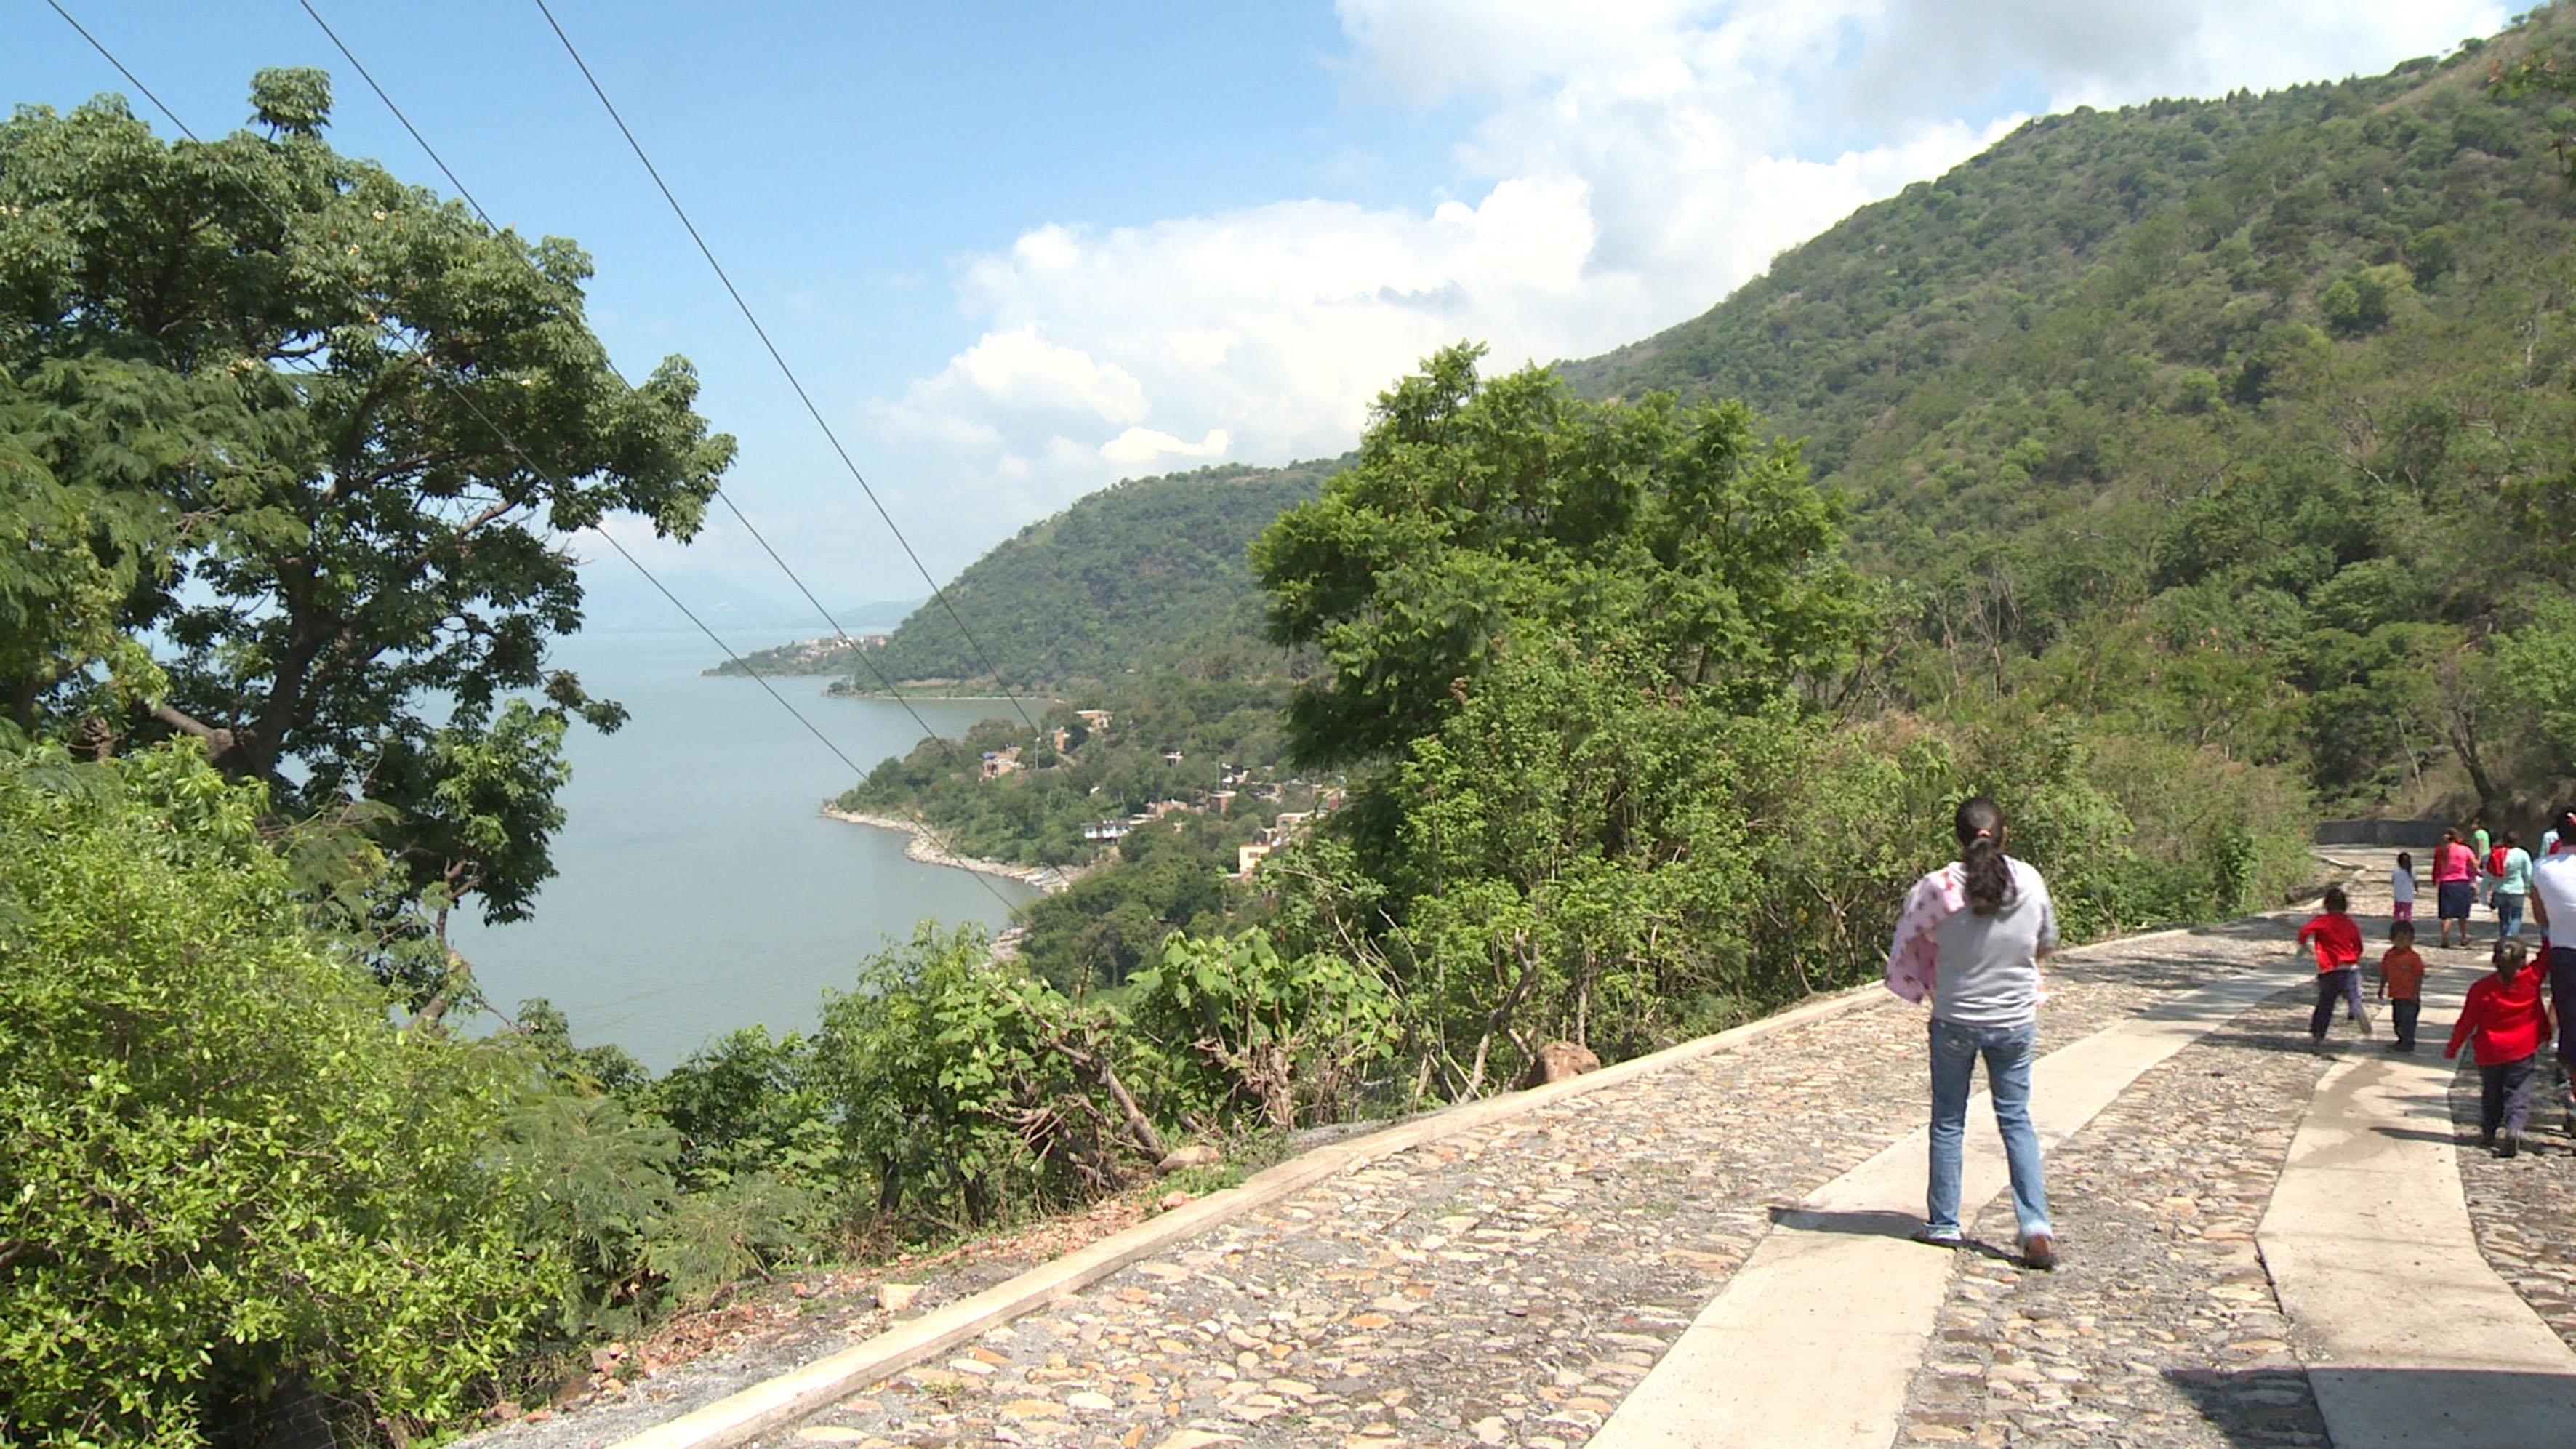 camino de Agua Caliente, niños transitando a pie y una señora cargando a su bebé